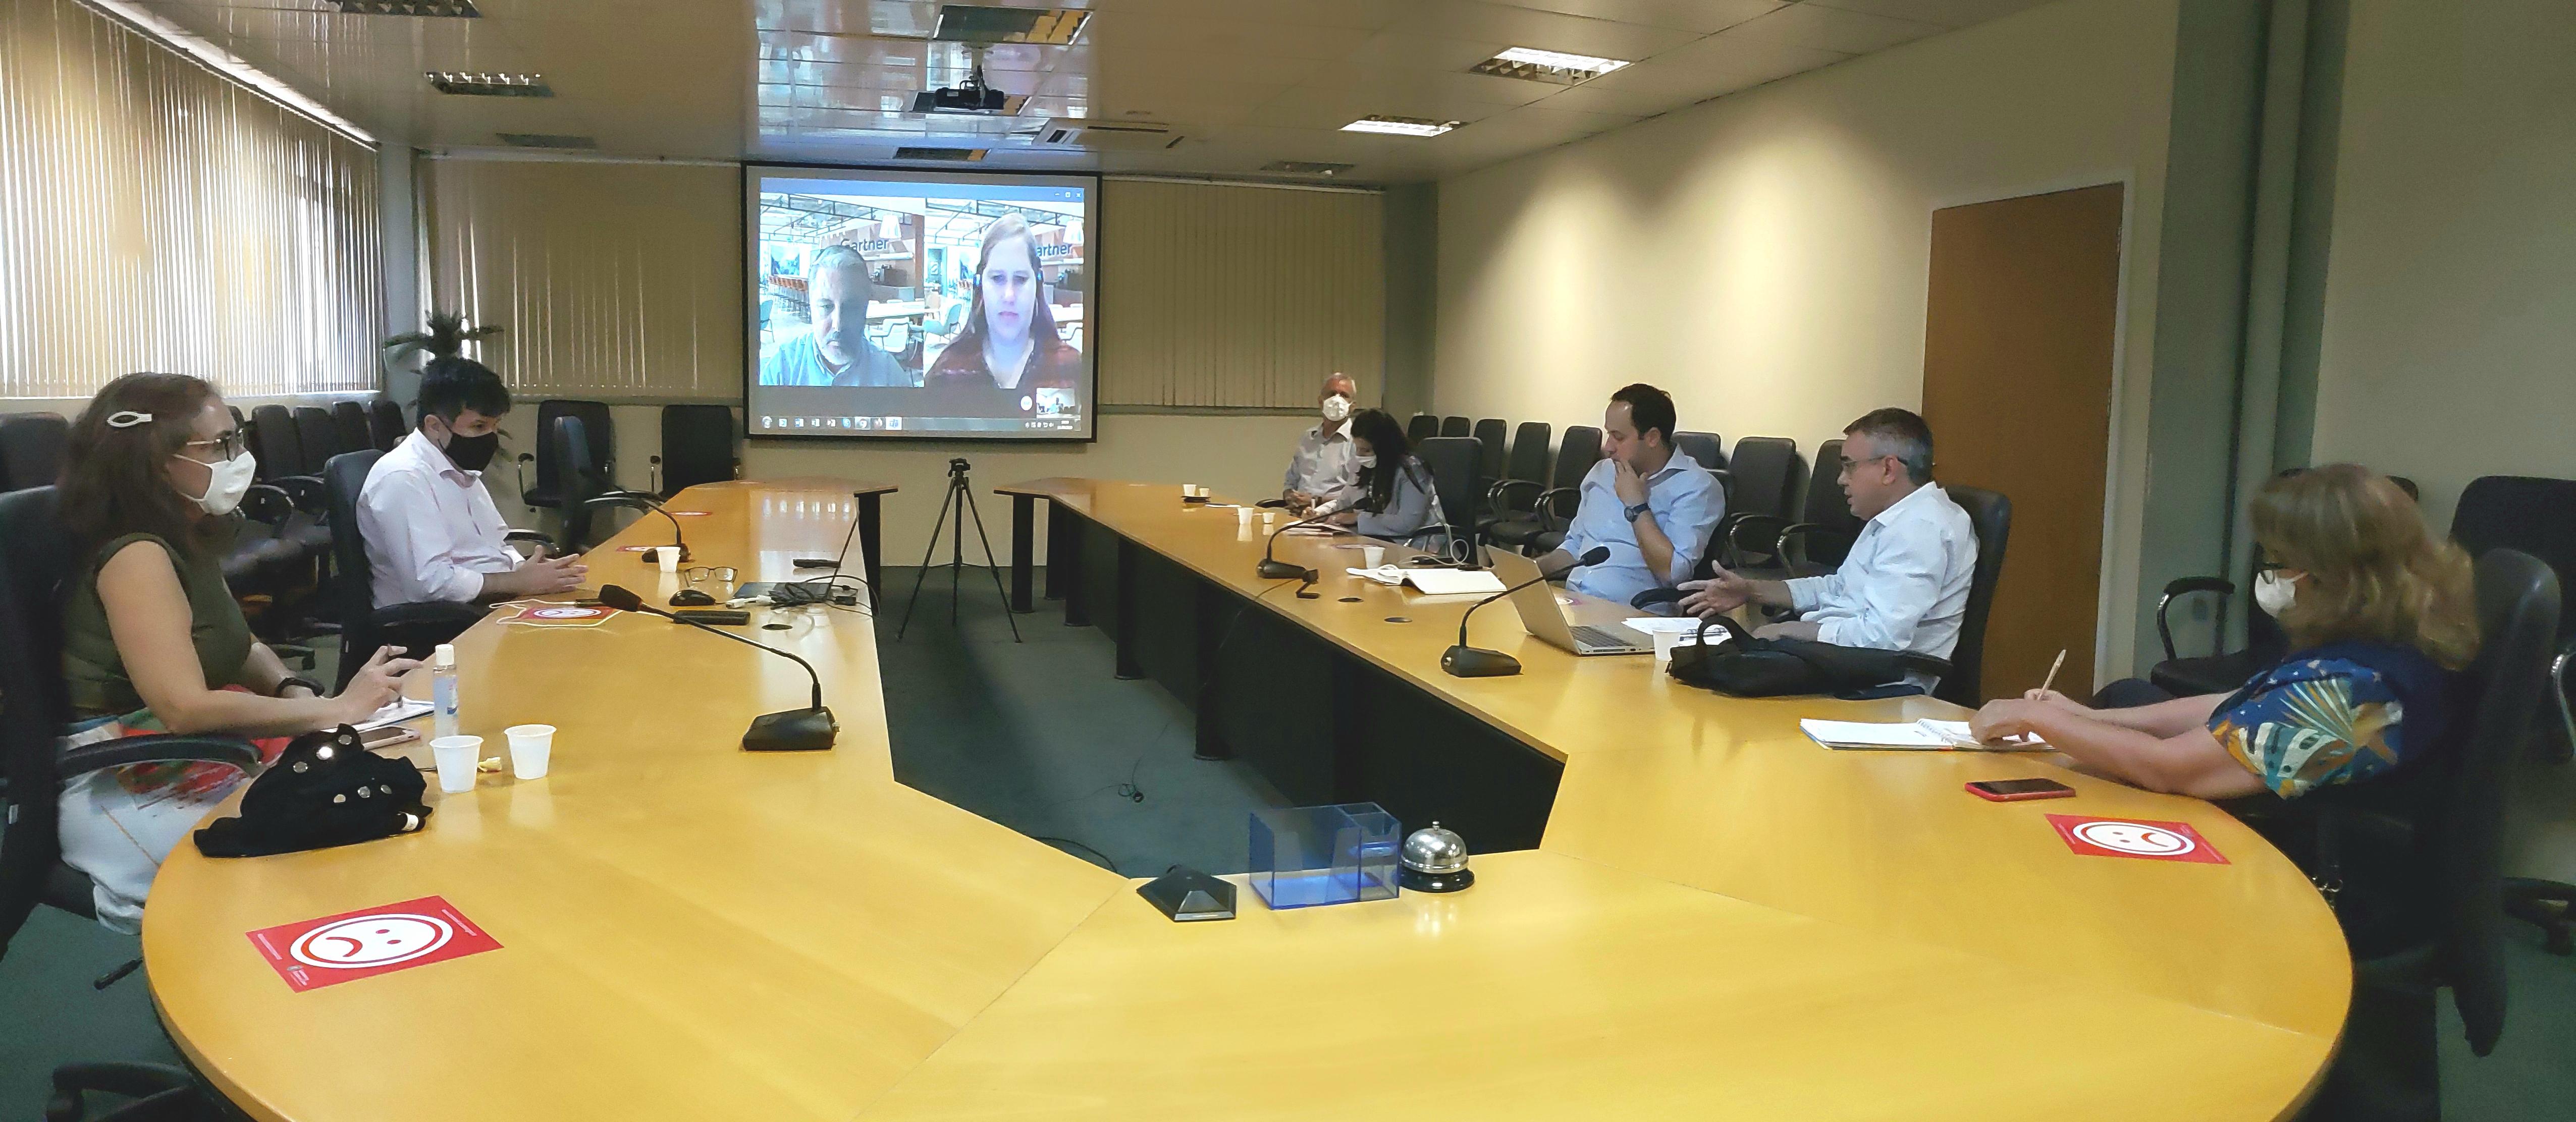 Técnicos da SPS apresentam demandas relativas ao Governo Digital